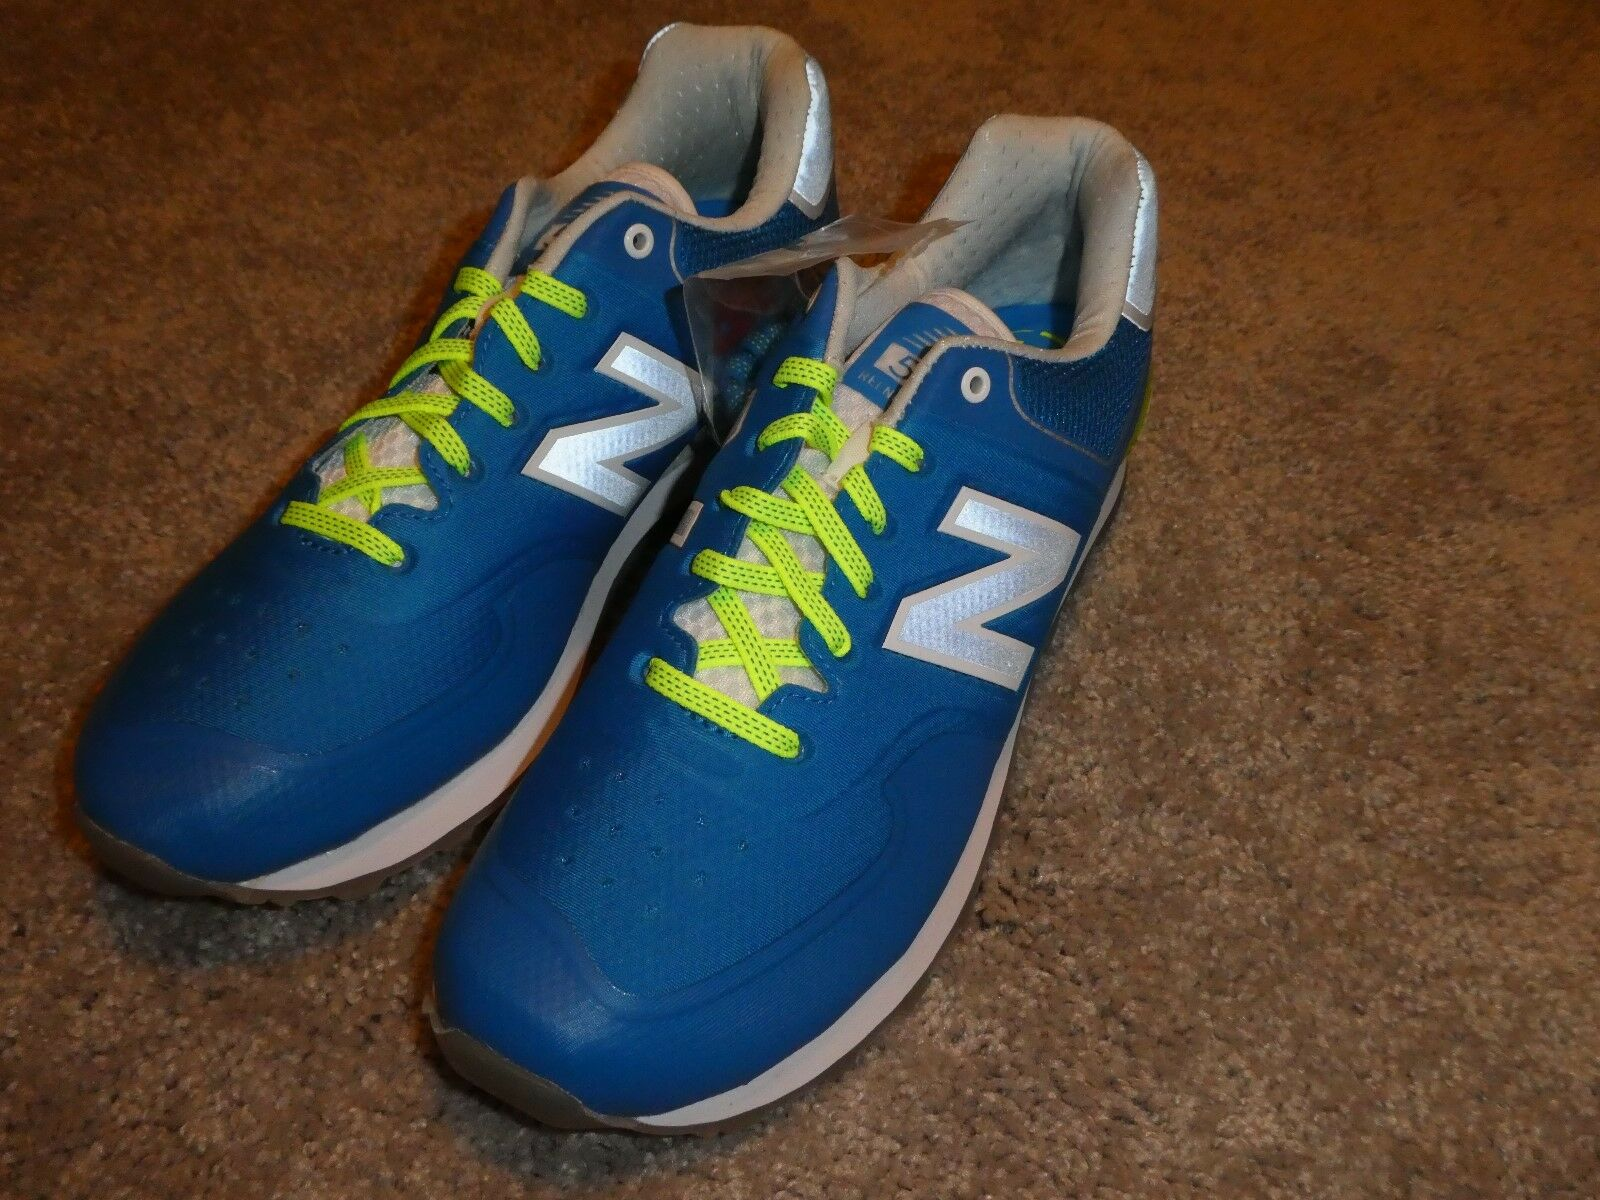 New Balance Hombre Zapatos MTL574AL tamaño 9.5 estilo 574 Azul